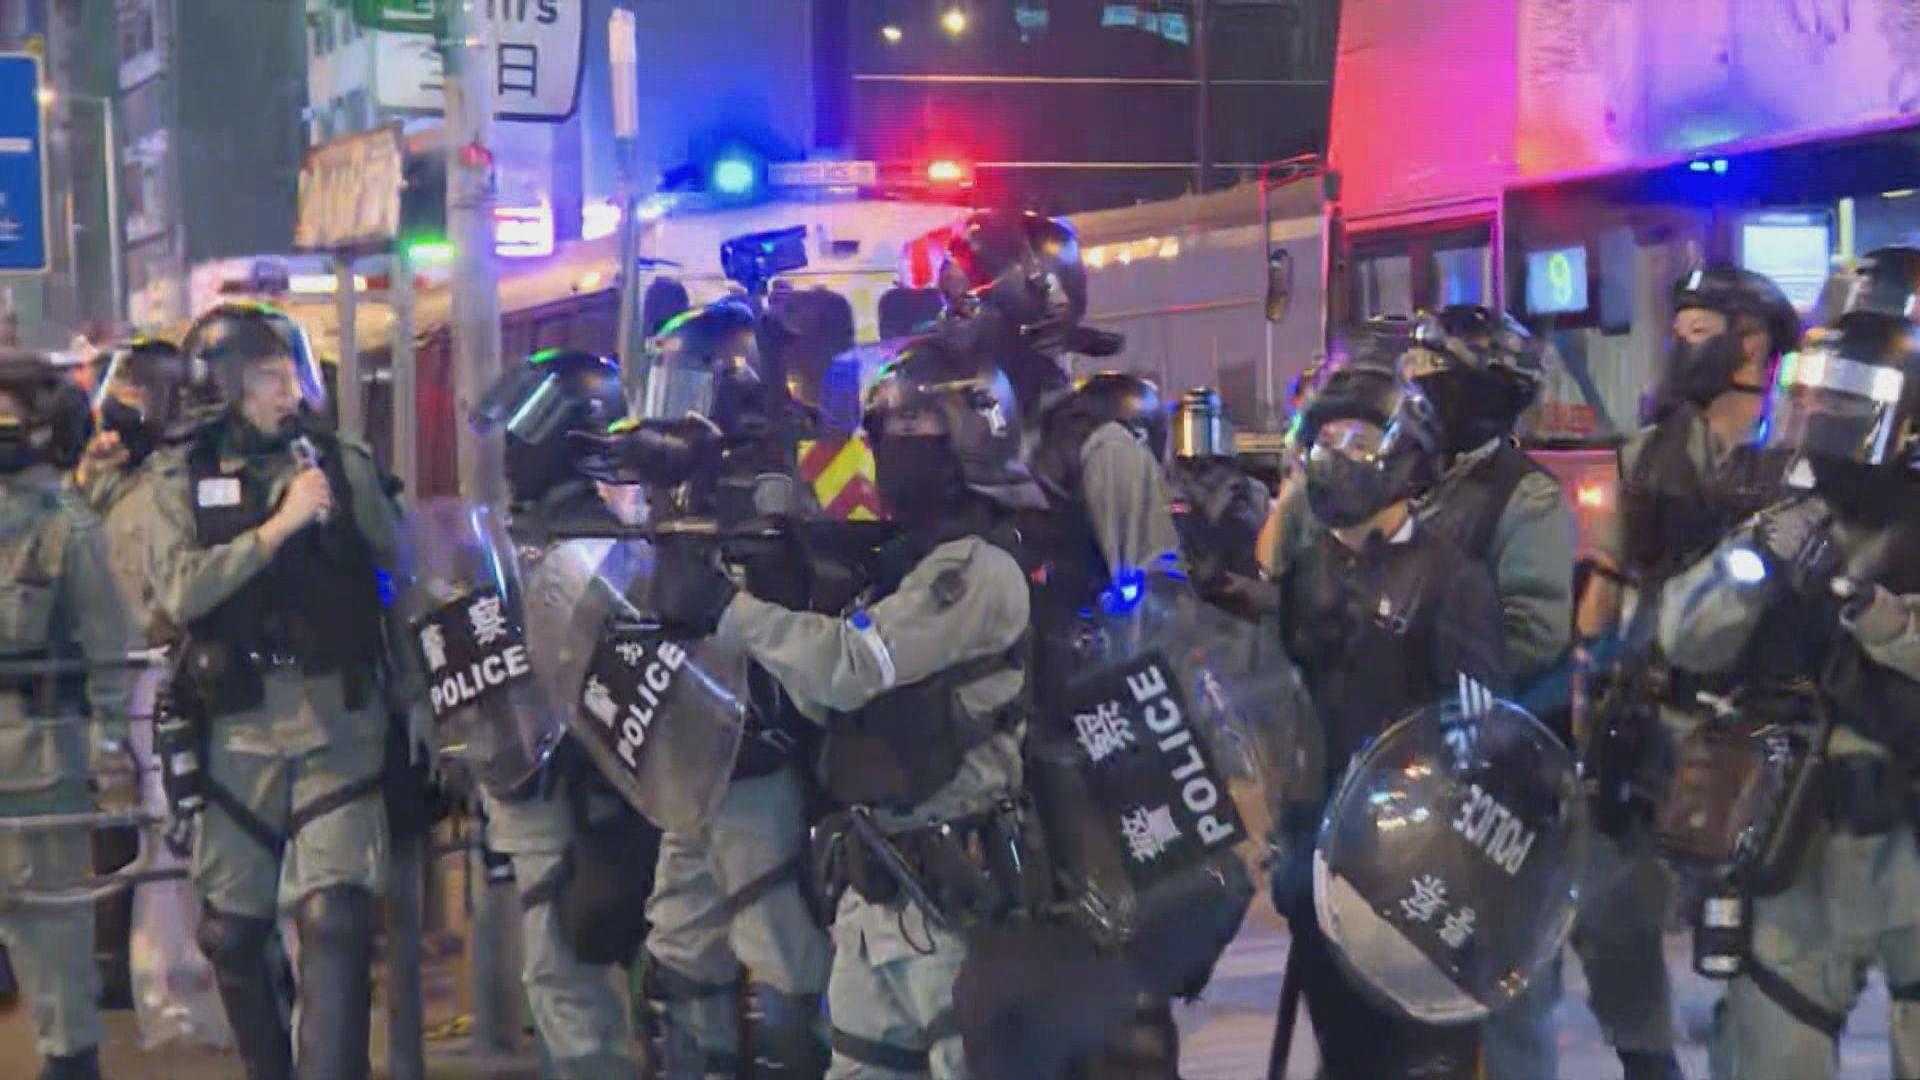 旺角晚上有人聚集 警察發射胡椒球彈驅散